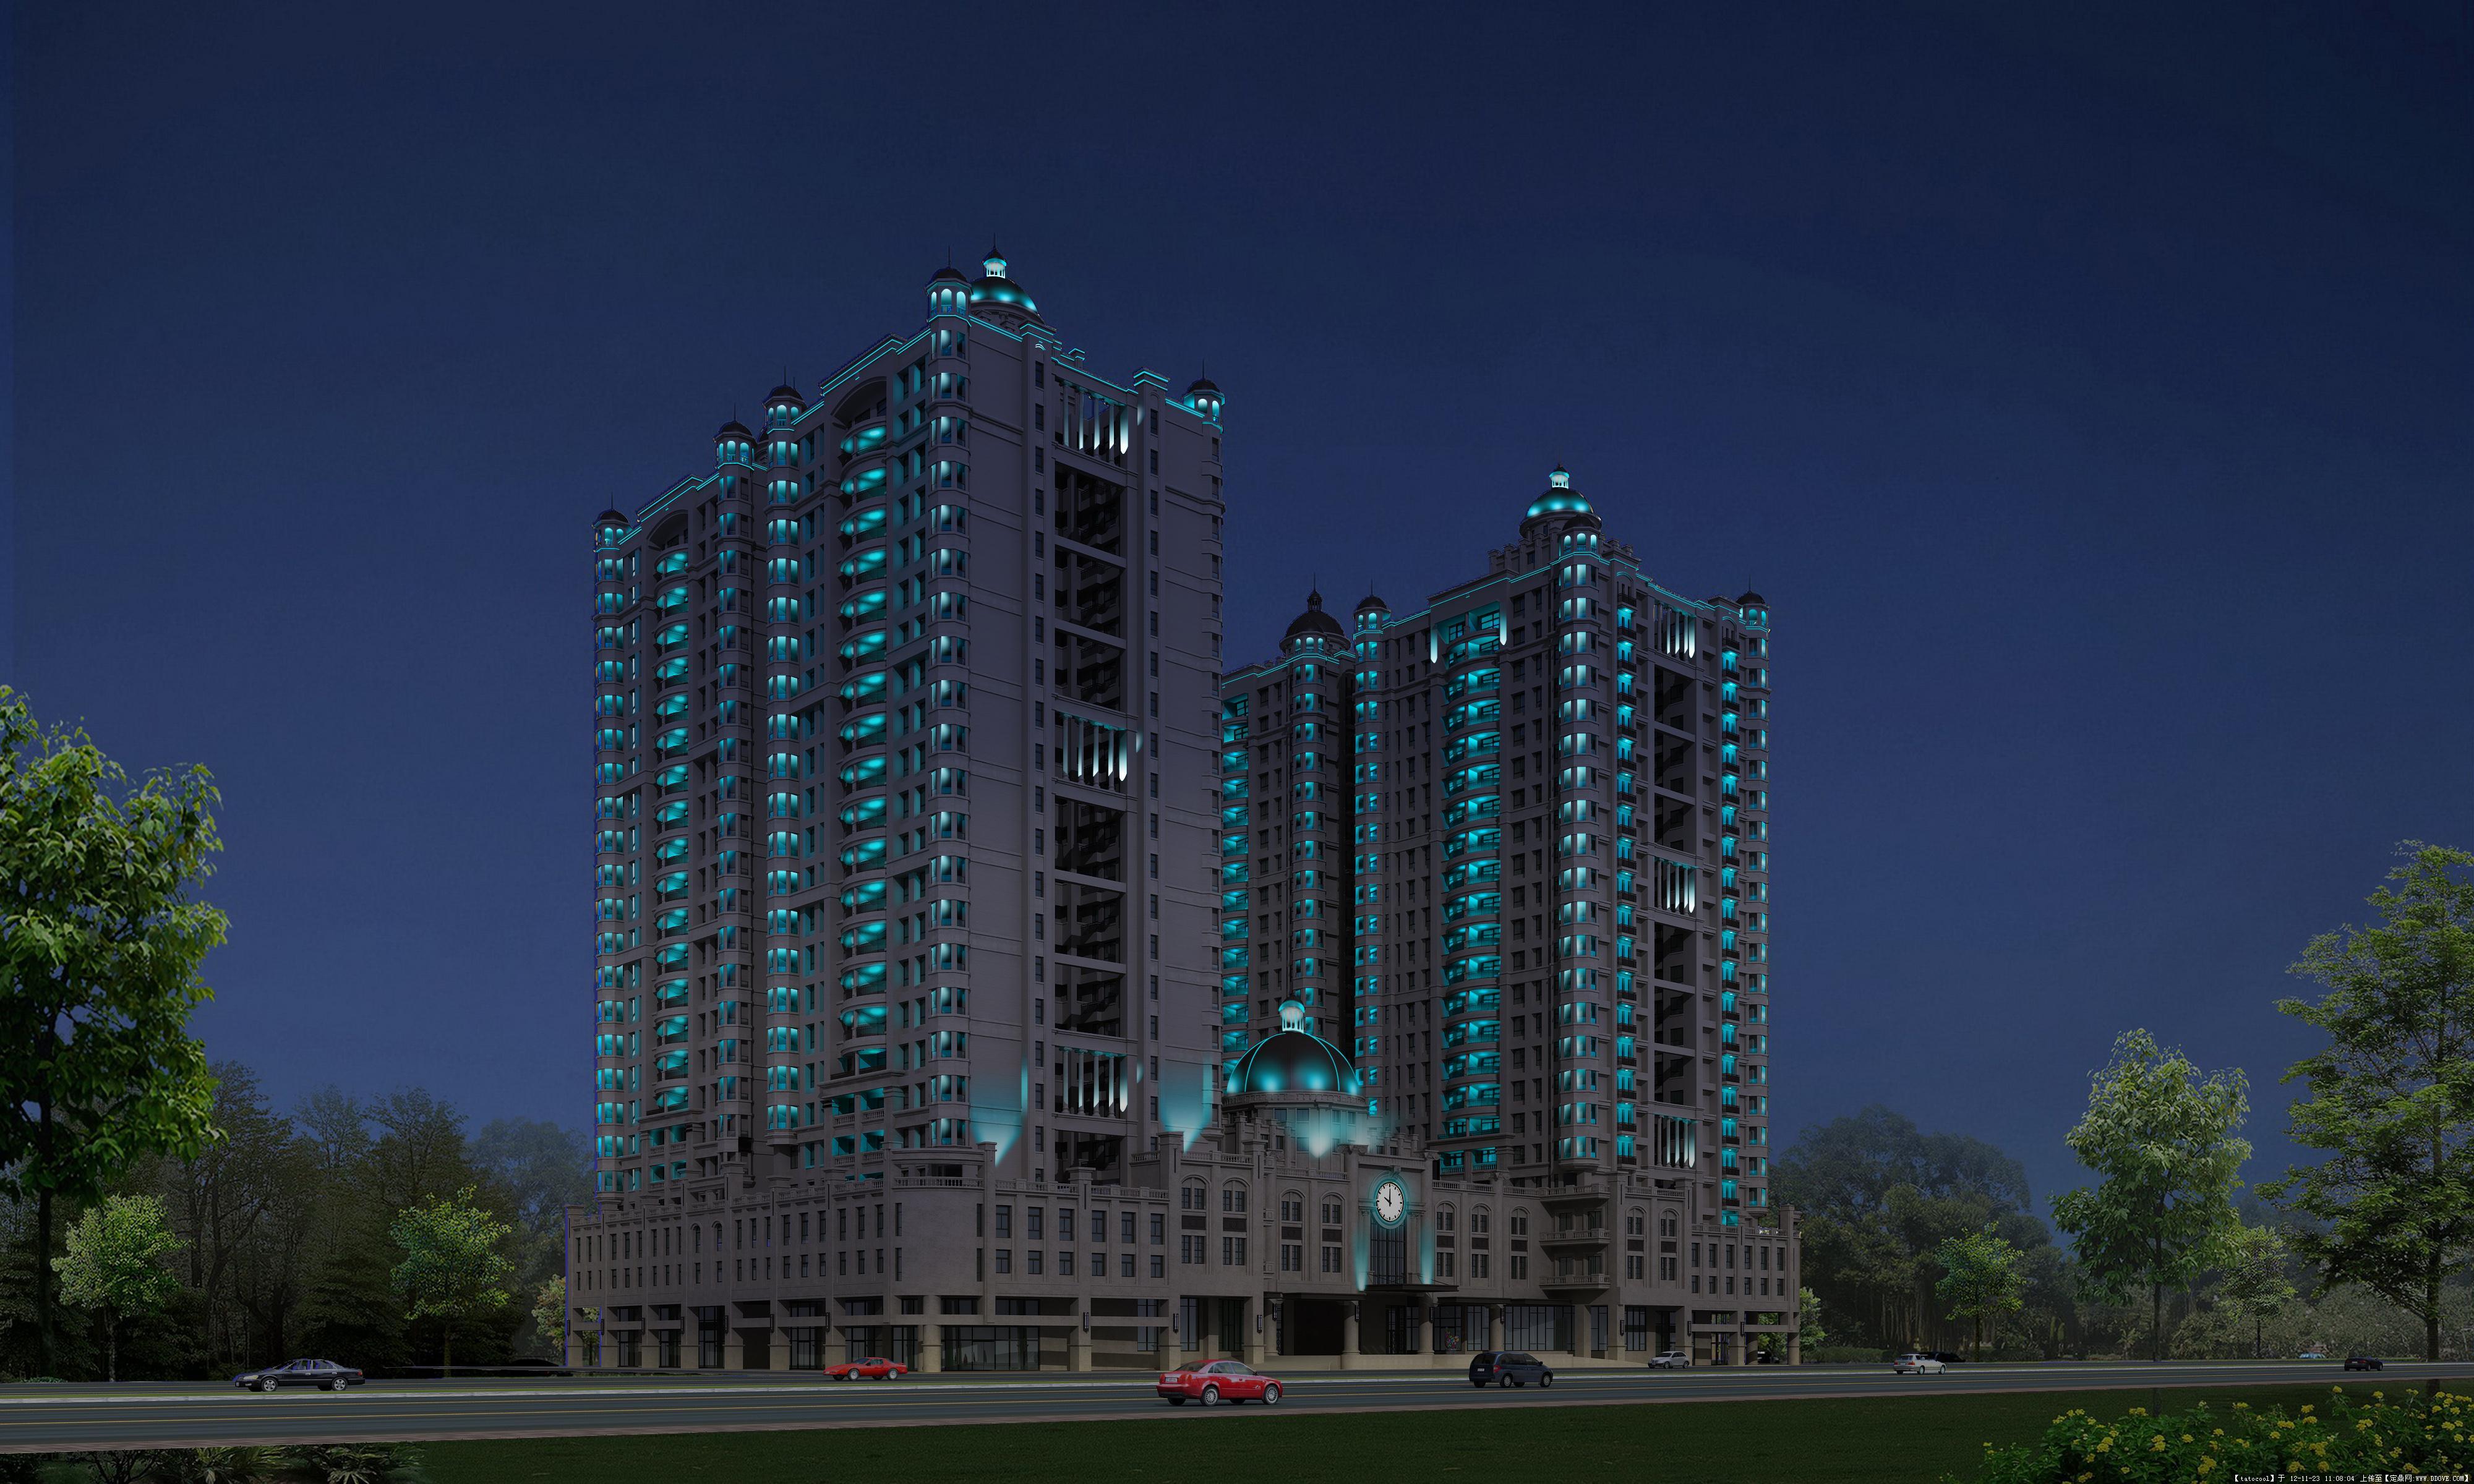 住宅建案大楼外墙夜间照明